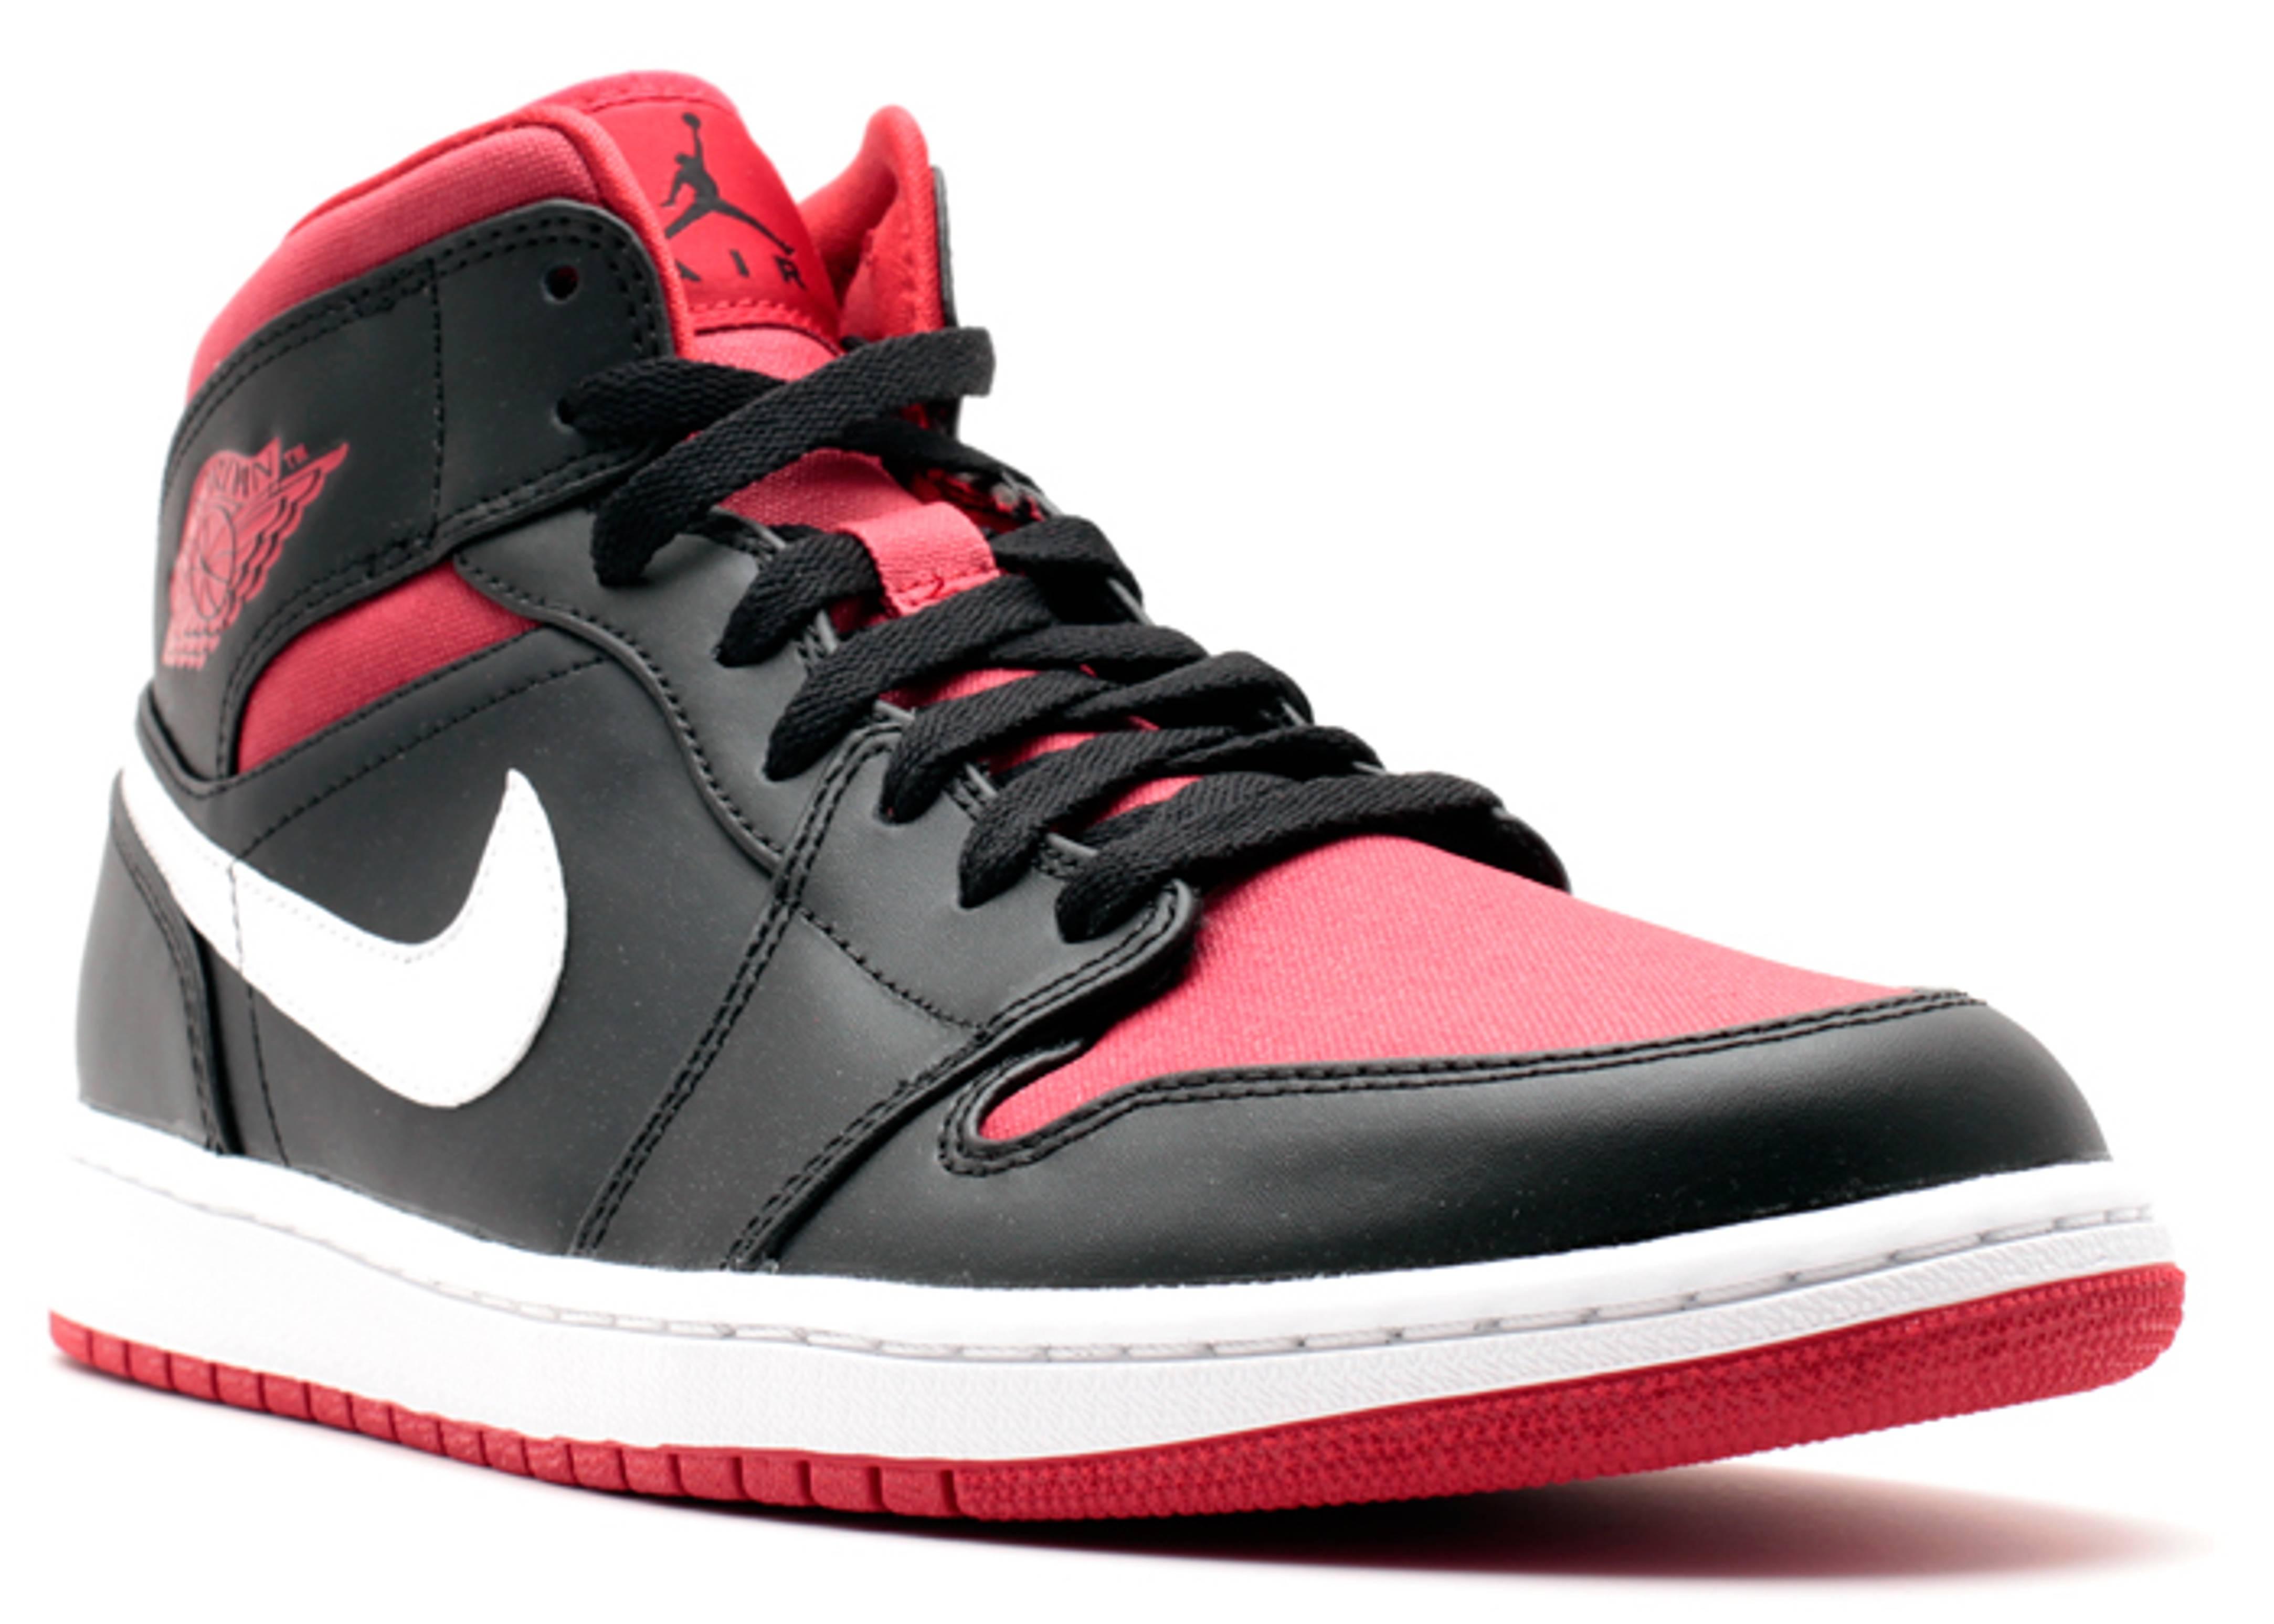 536e5fac99d Air Jordan 1 Mid - Air Jordan - 554724 020 - black.gym red-white ...